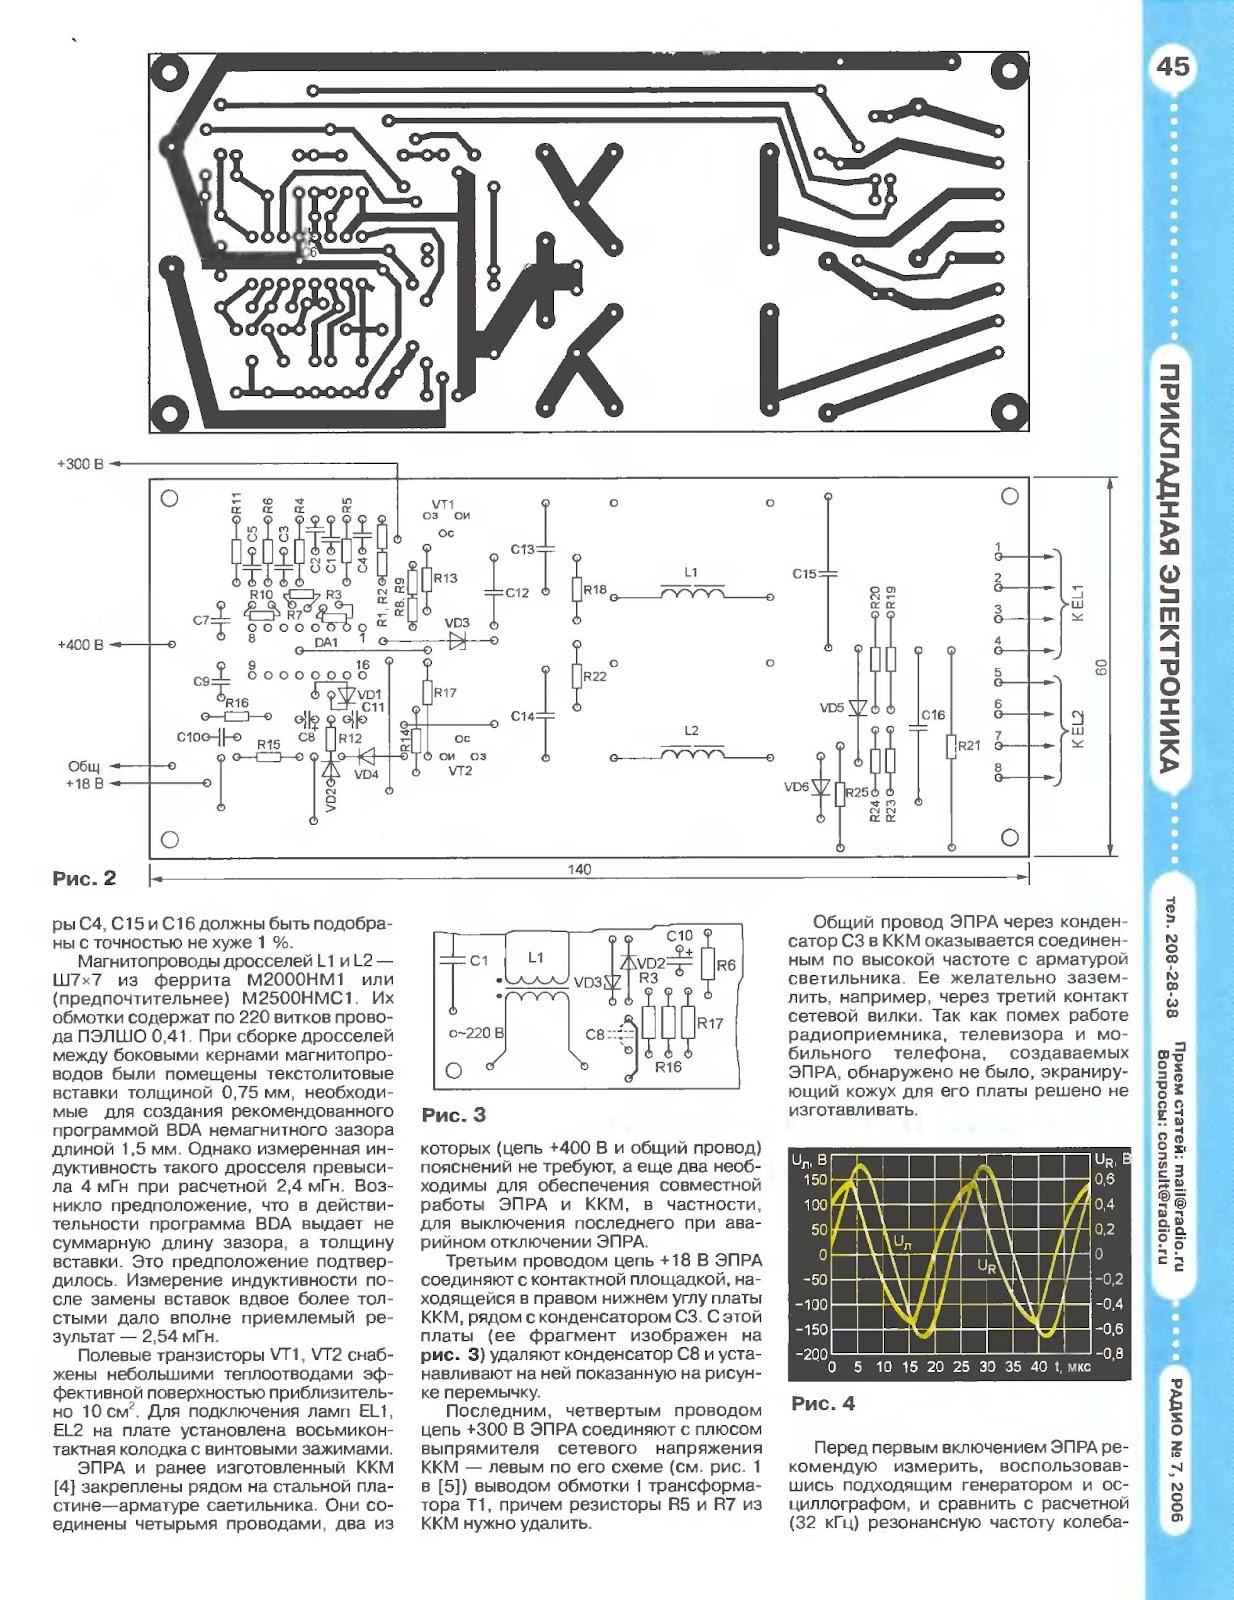 Схема электронного балластника для люминесцентных ламп